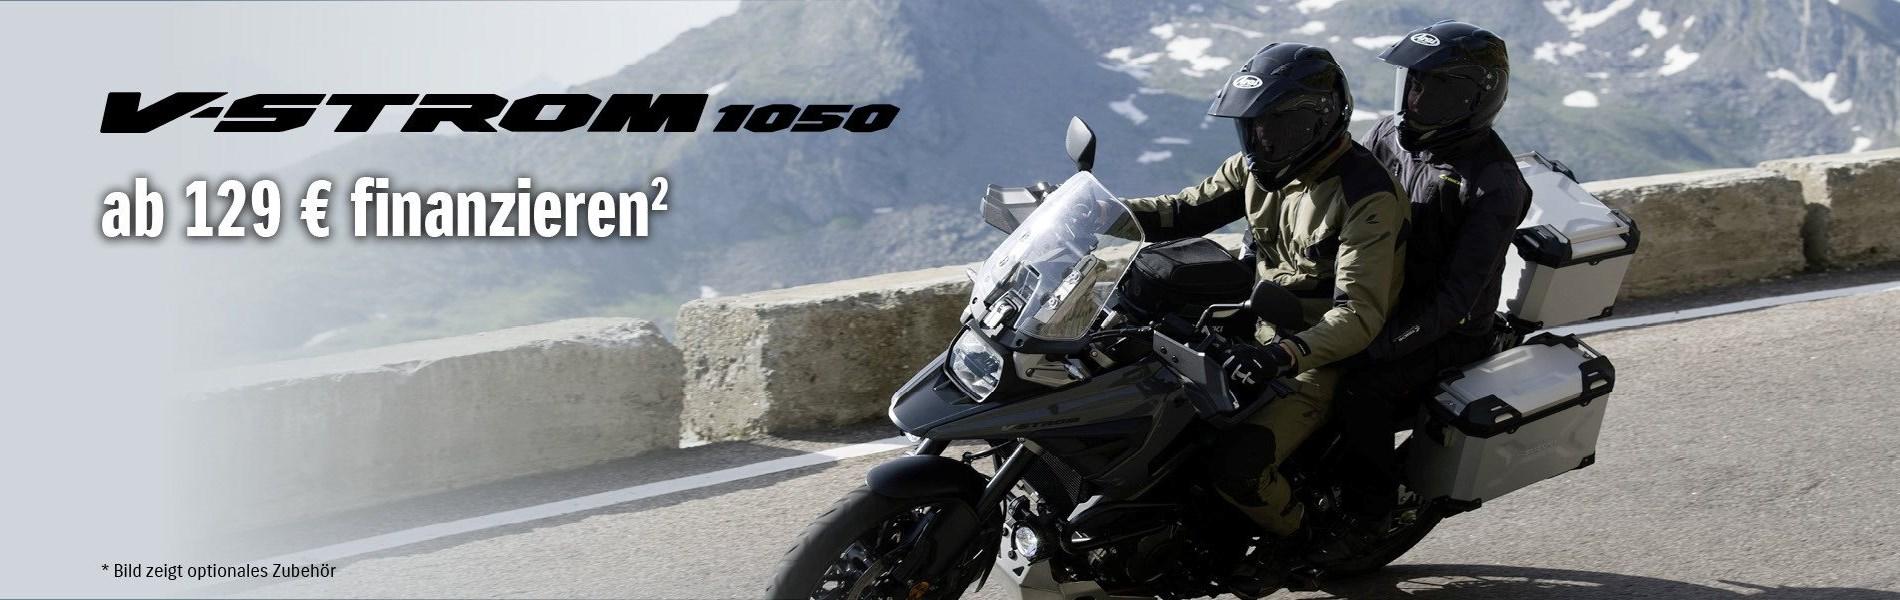 V-STROM 1050